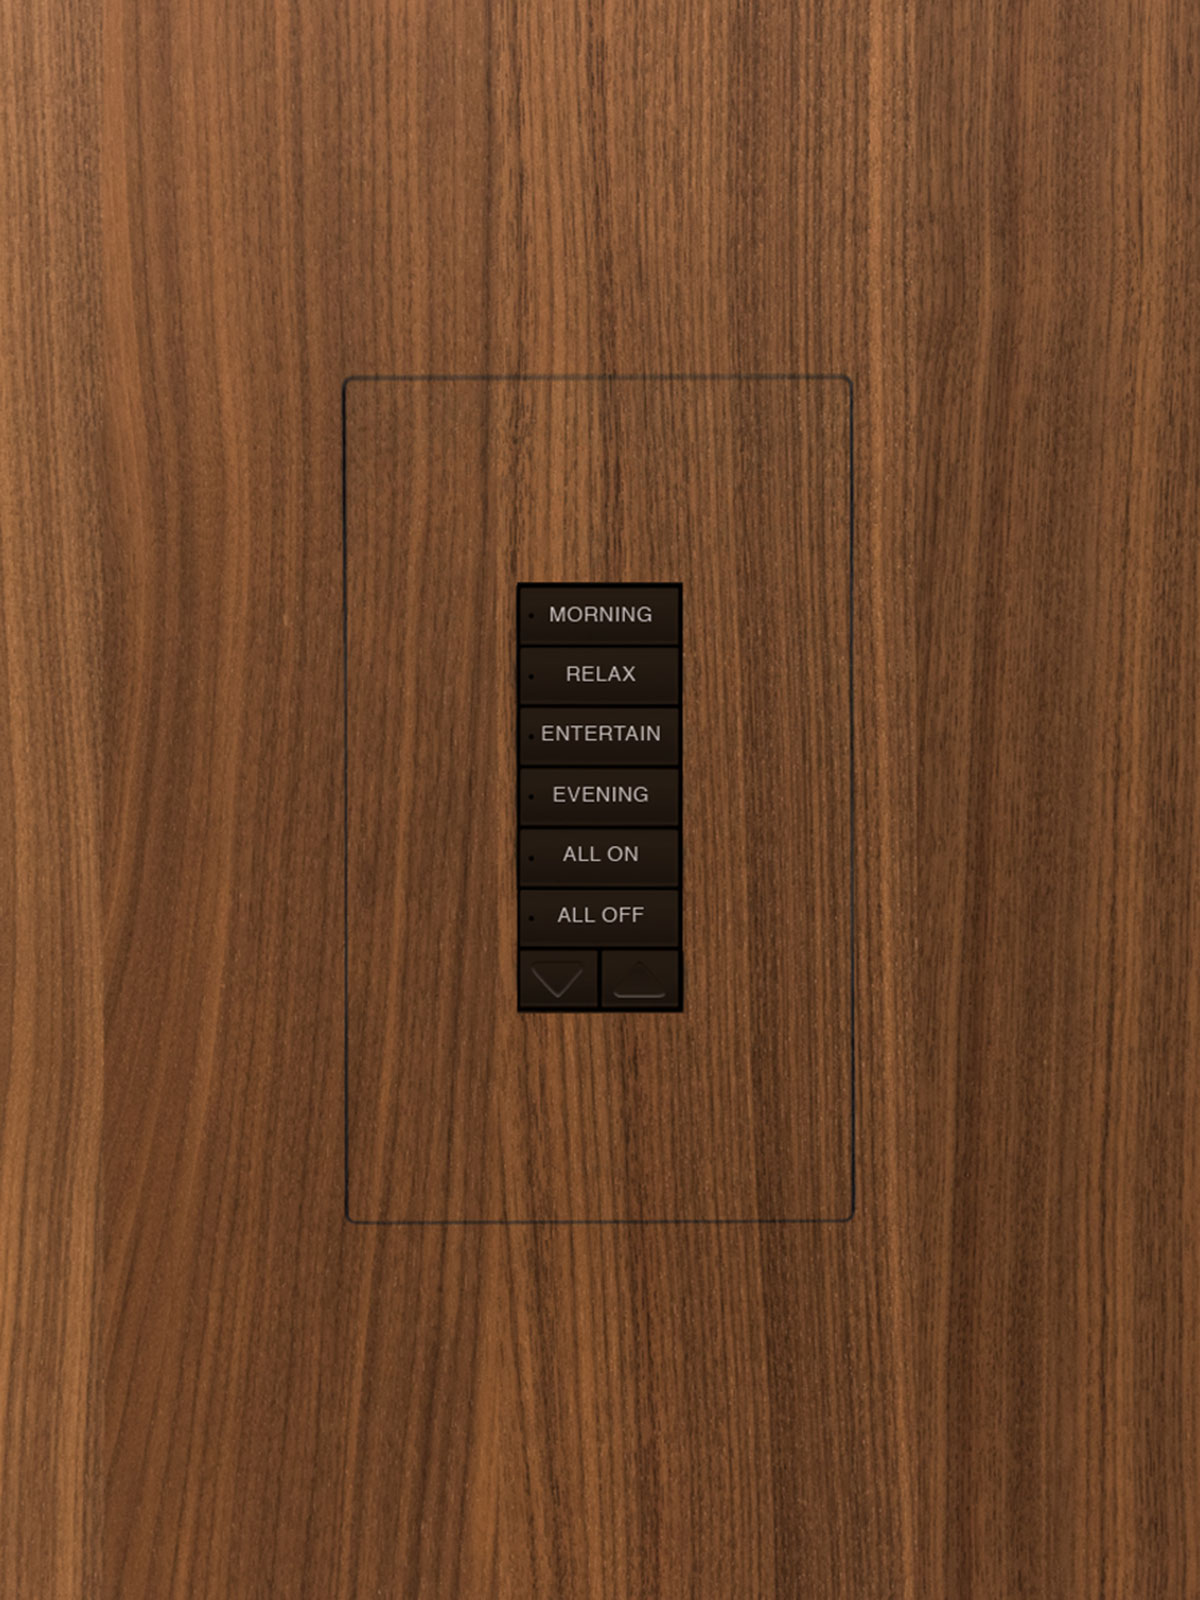 TruFig, flush-mount, keypad, wood, veneer